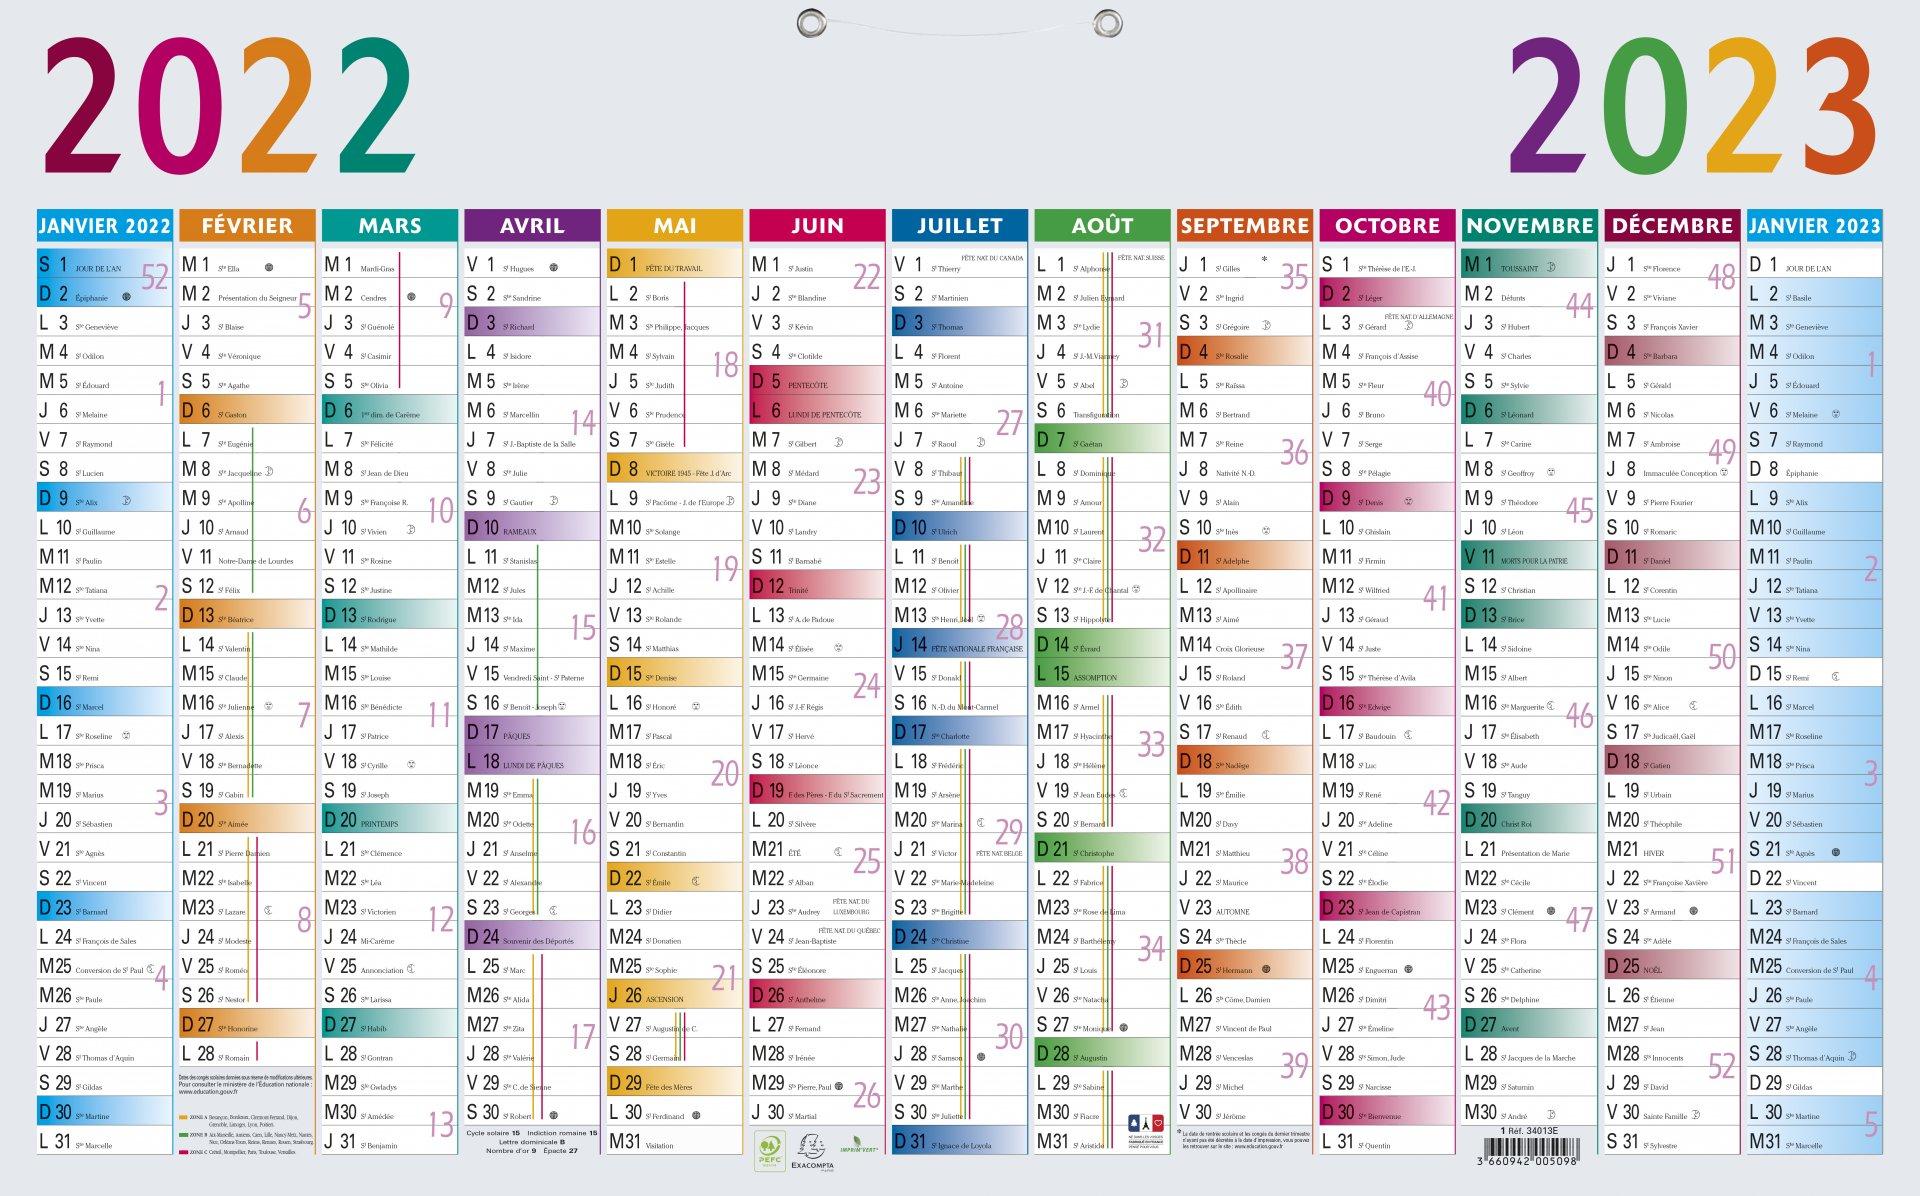 Calendrier 2022 Personnalisé Fabrication de calendriers publicitaires personnalisés, à Paris